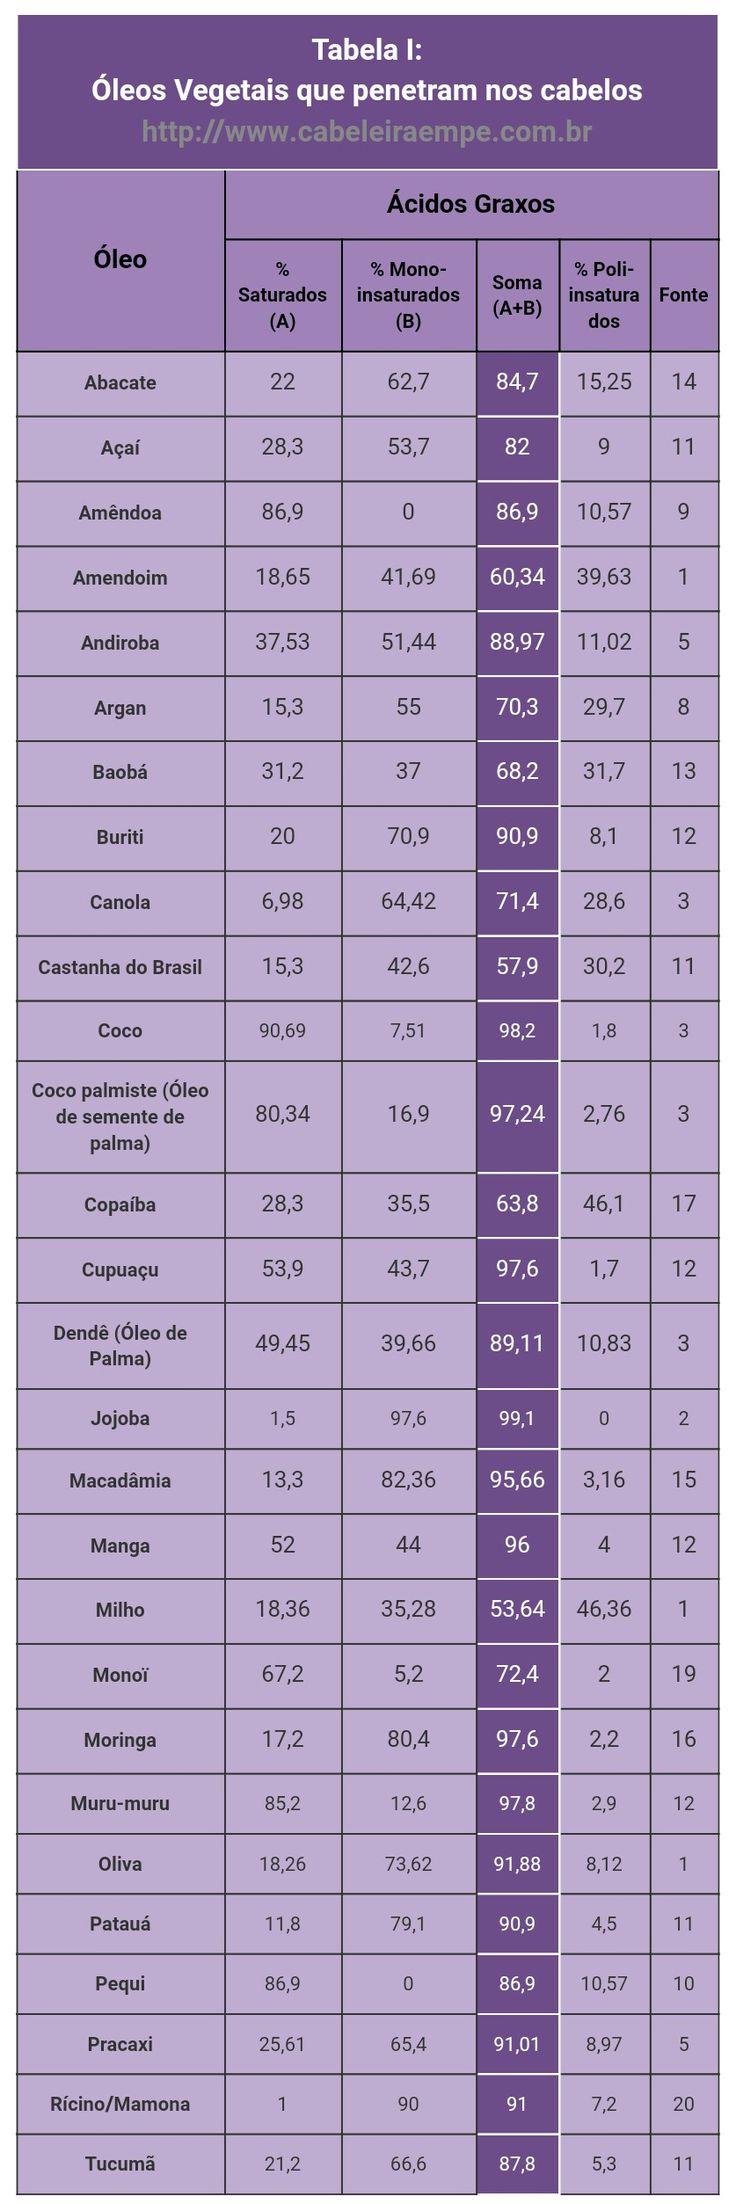 Lista de Óleos vegetais para Nutrição e Umectação dos fios. Óleos Vegetais que penetram (são absorvidos) pelos fios de cabelo. Perfil de ácidos graxos de Óleos com predominância de ácidos graxos saturados e monoinsaturados.